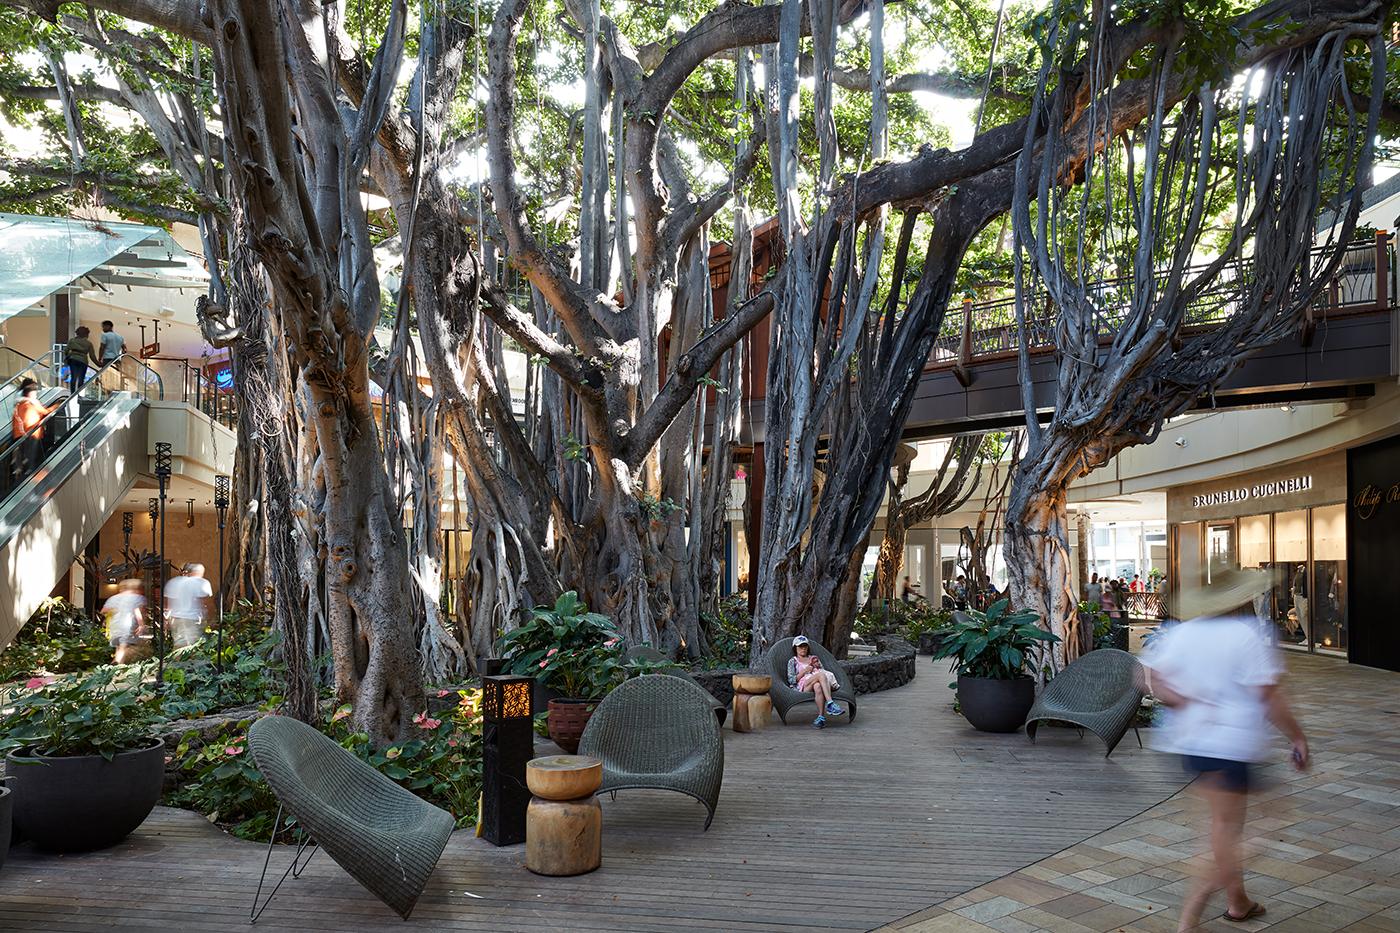 International Market Place Banyan Tree